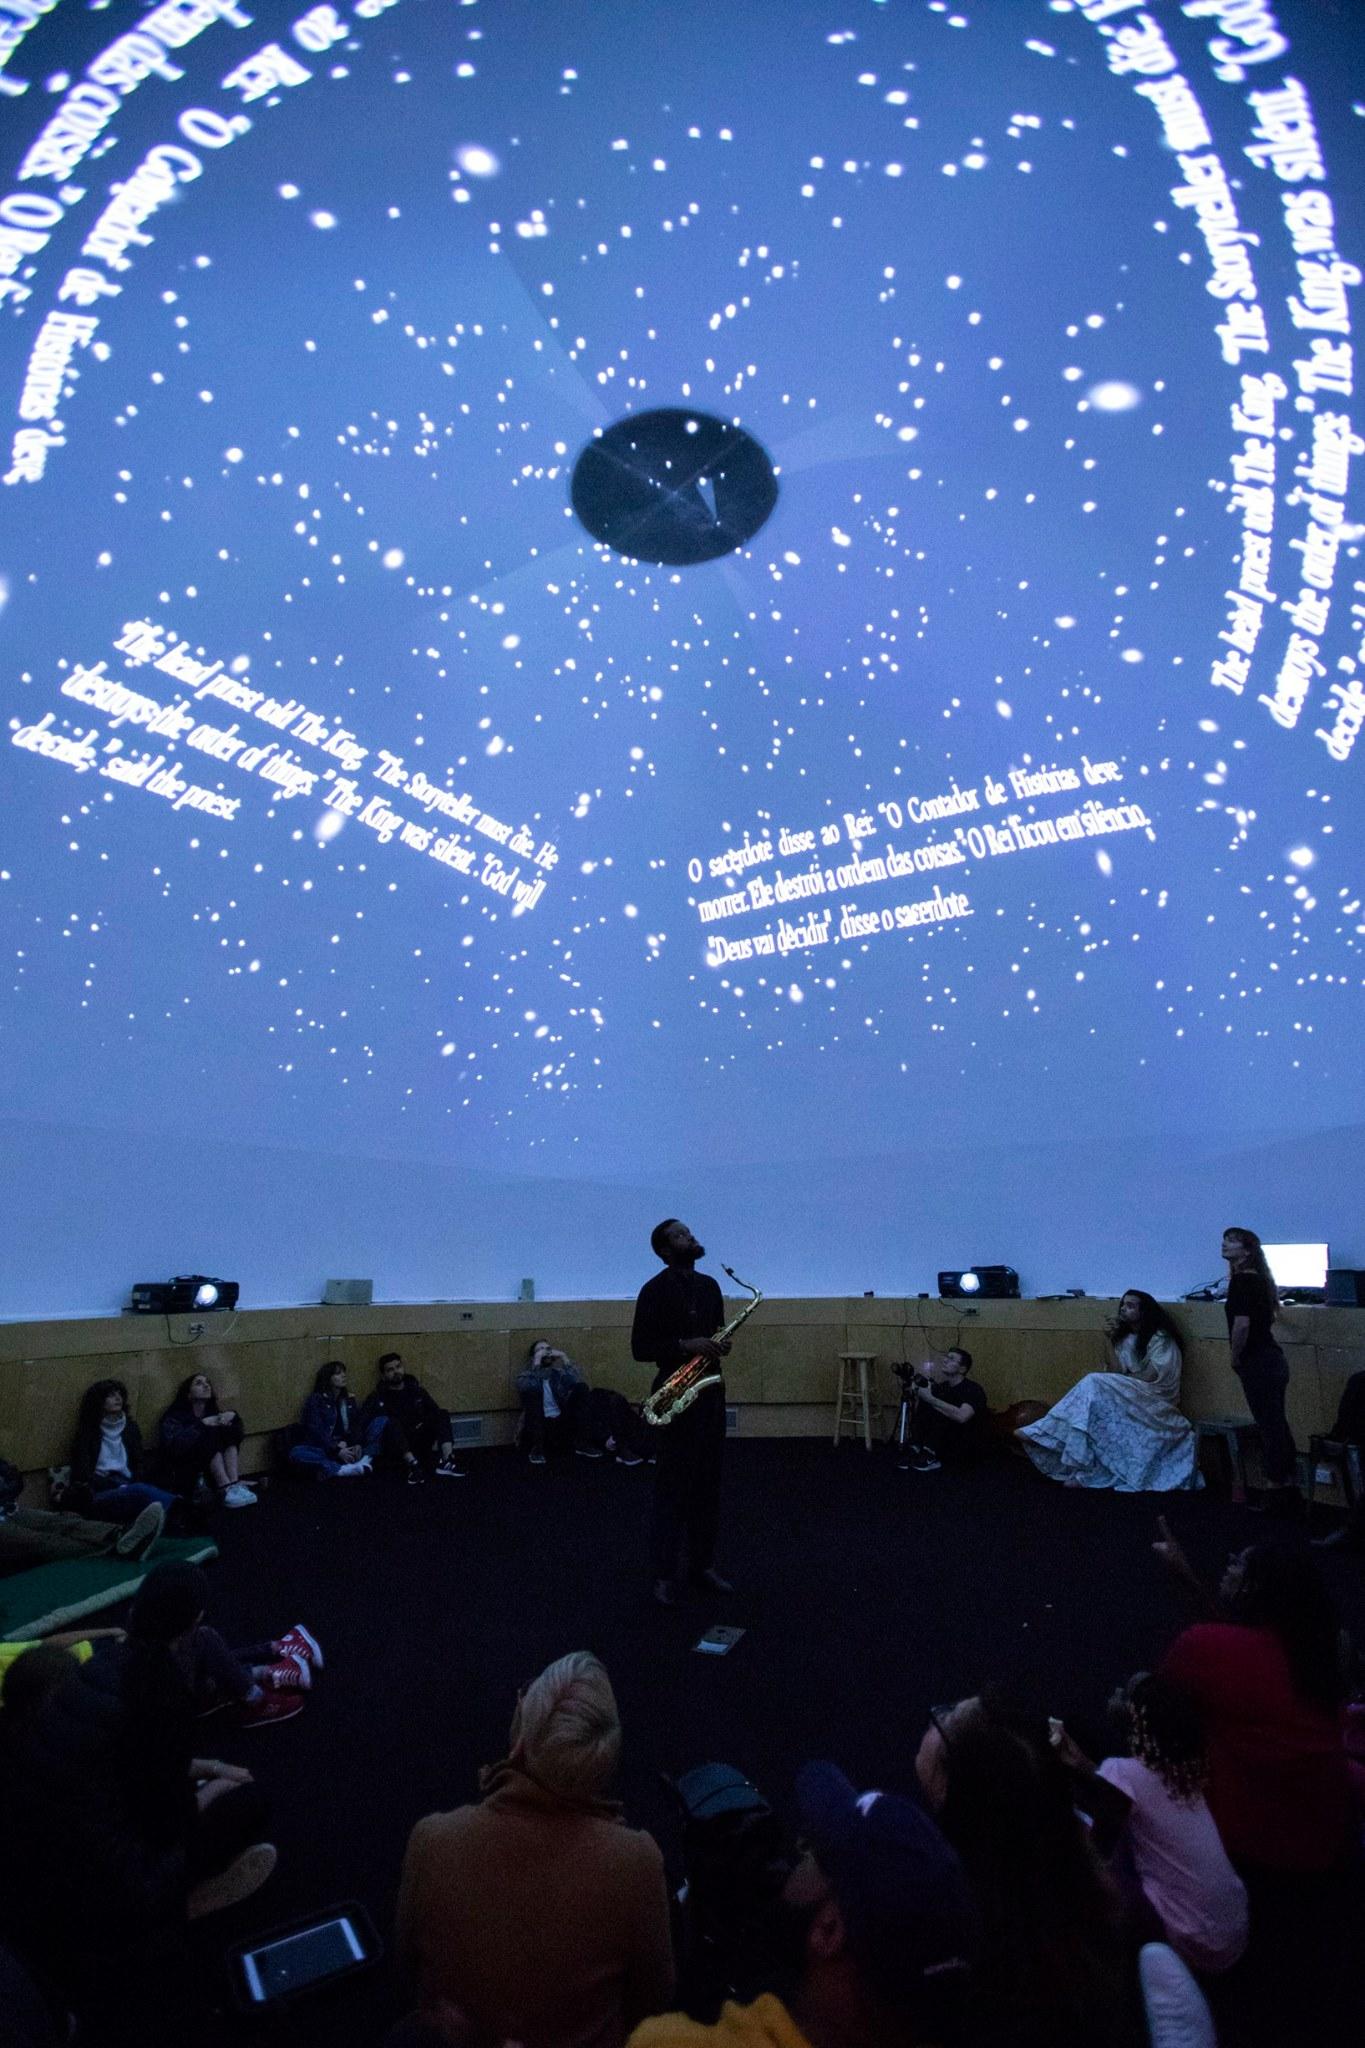 Photo courtesy of NY Hall of Science